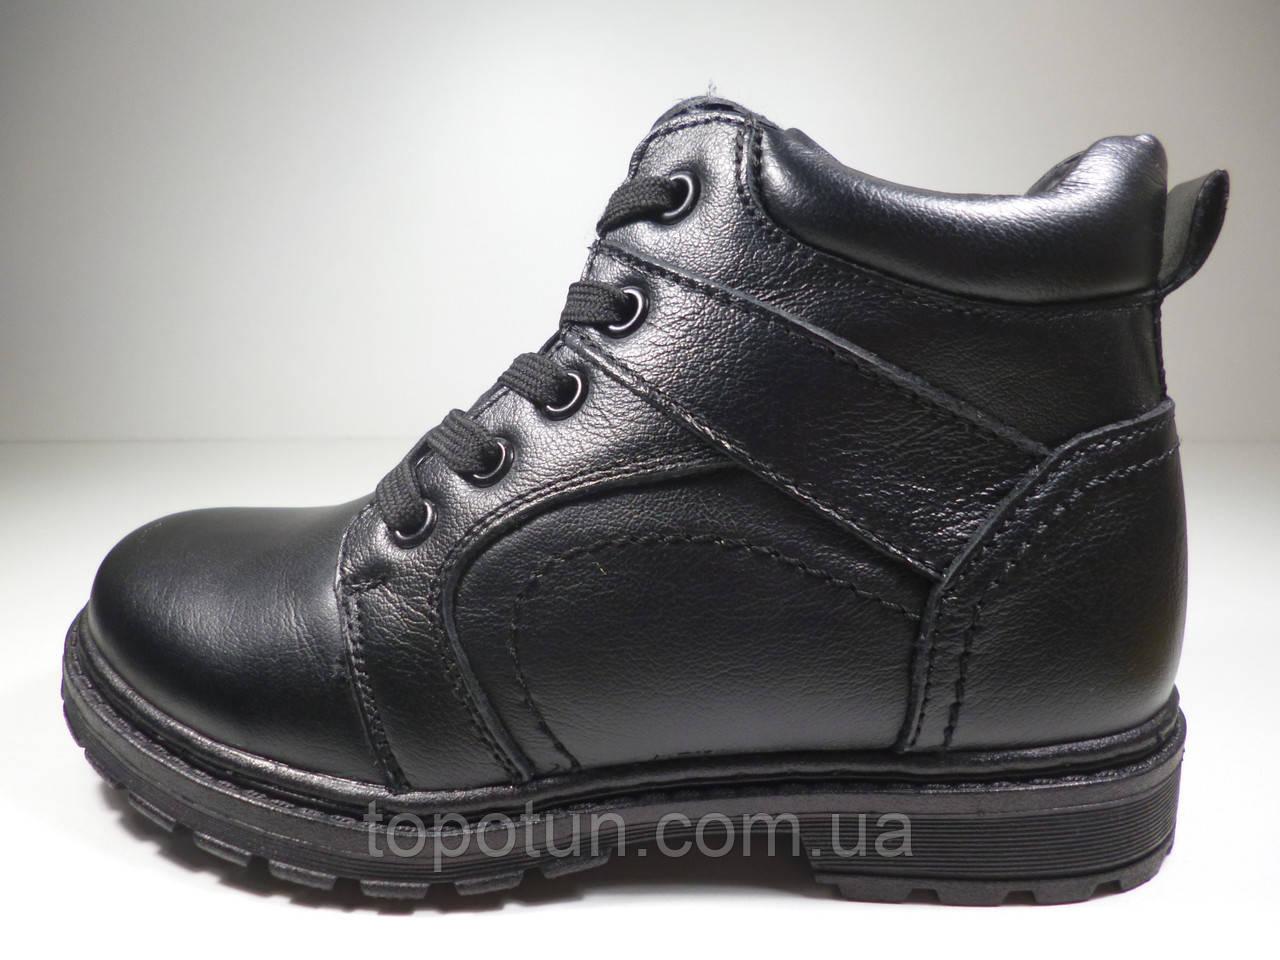 19f83310c Ботинки для Мальчиков Кожаные Kangfu Размер: 32,33,34 32 — в ...